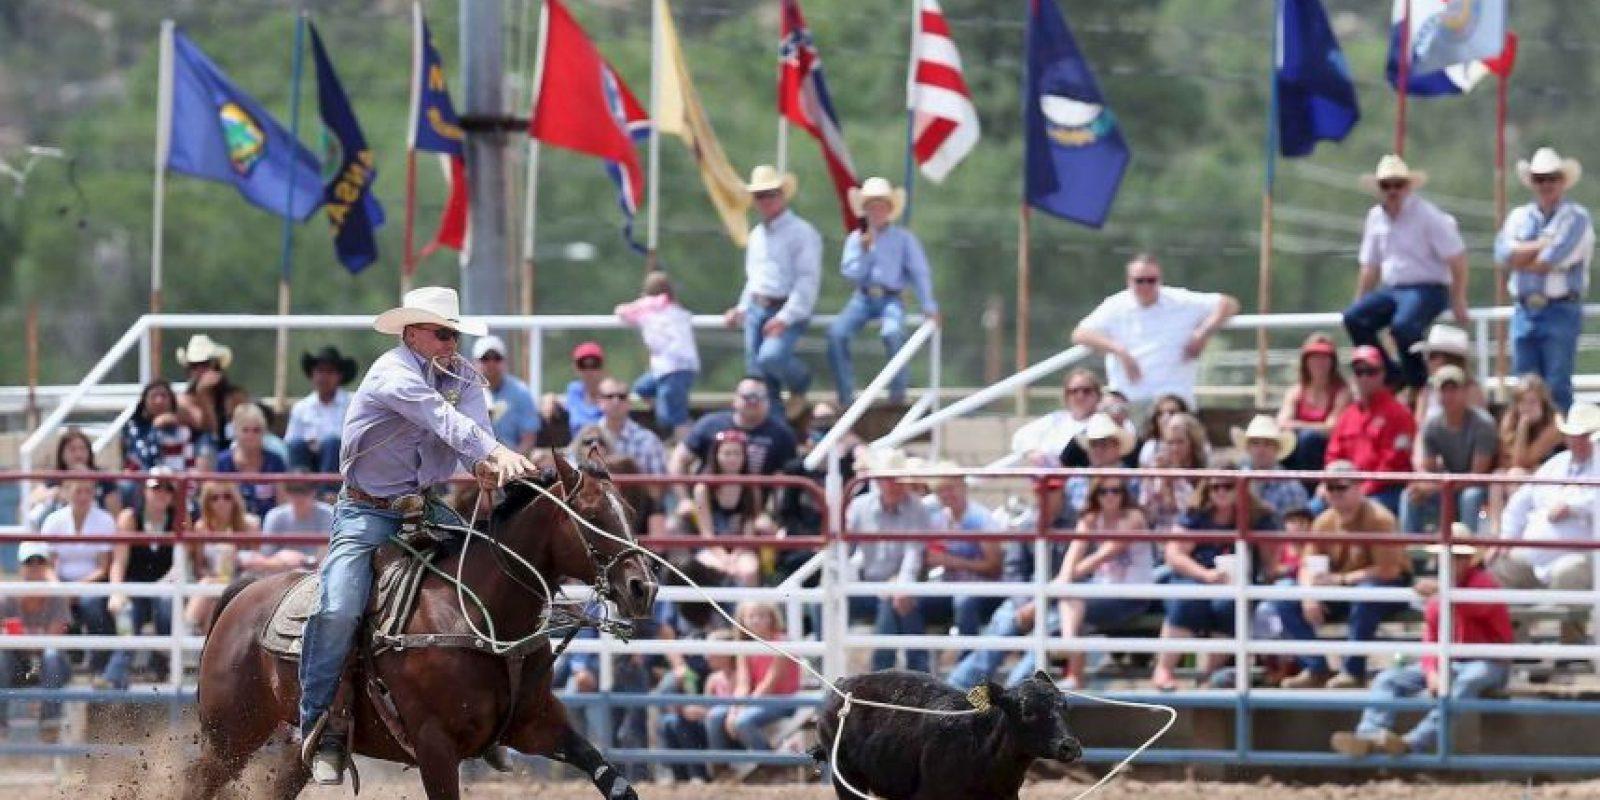 Es regulado por asociaciones y se realizan torneos cada año Foto:Getty Images